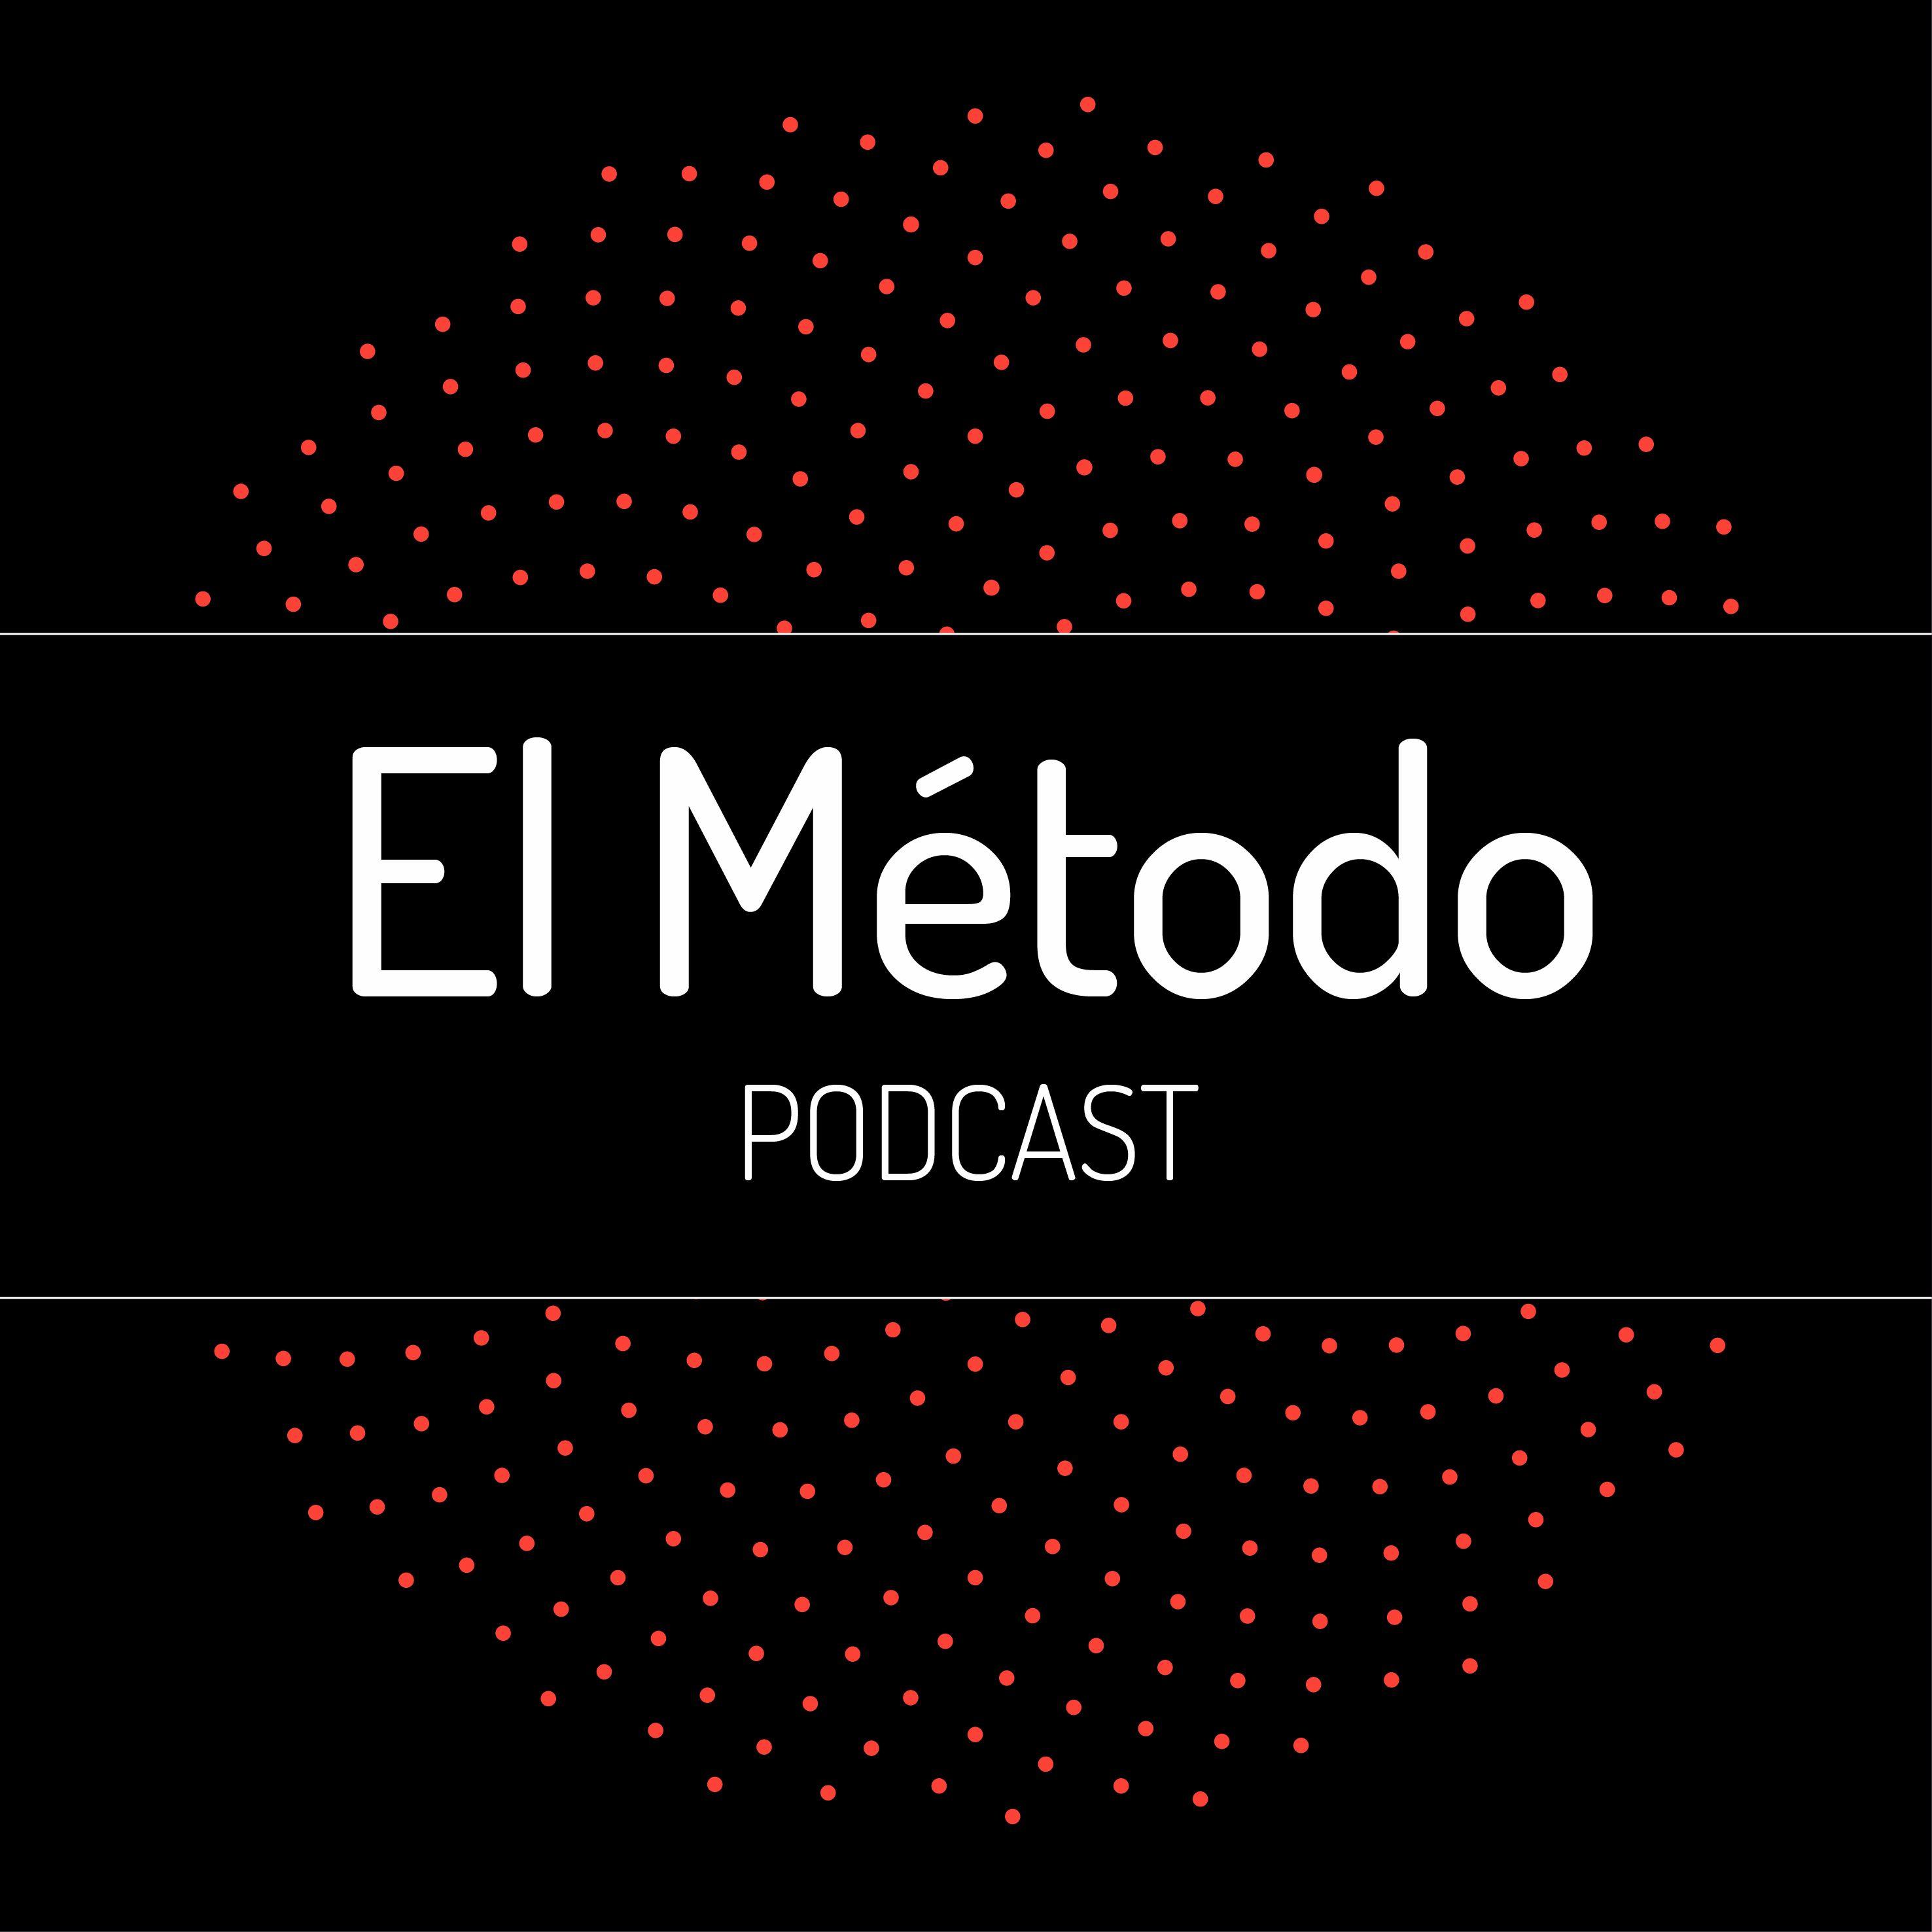 Artwork for Podcast de podcasts, con Ángel Jiménez